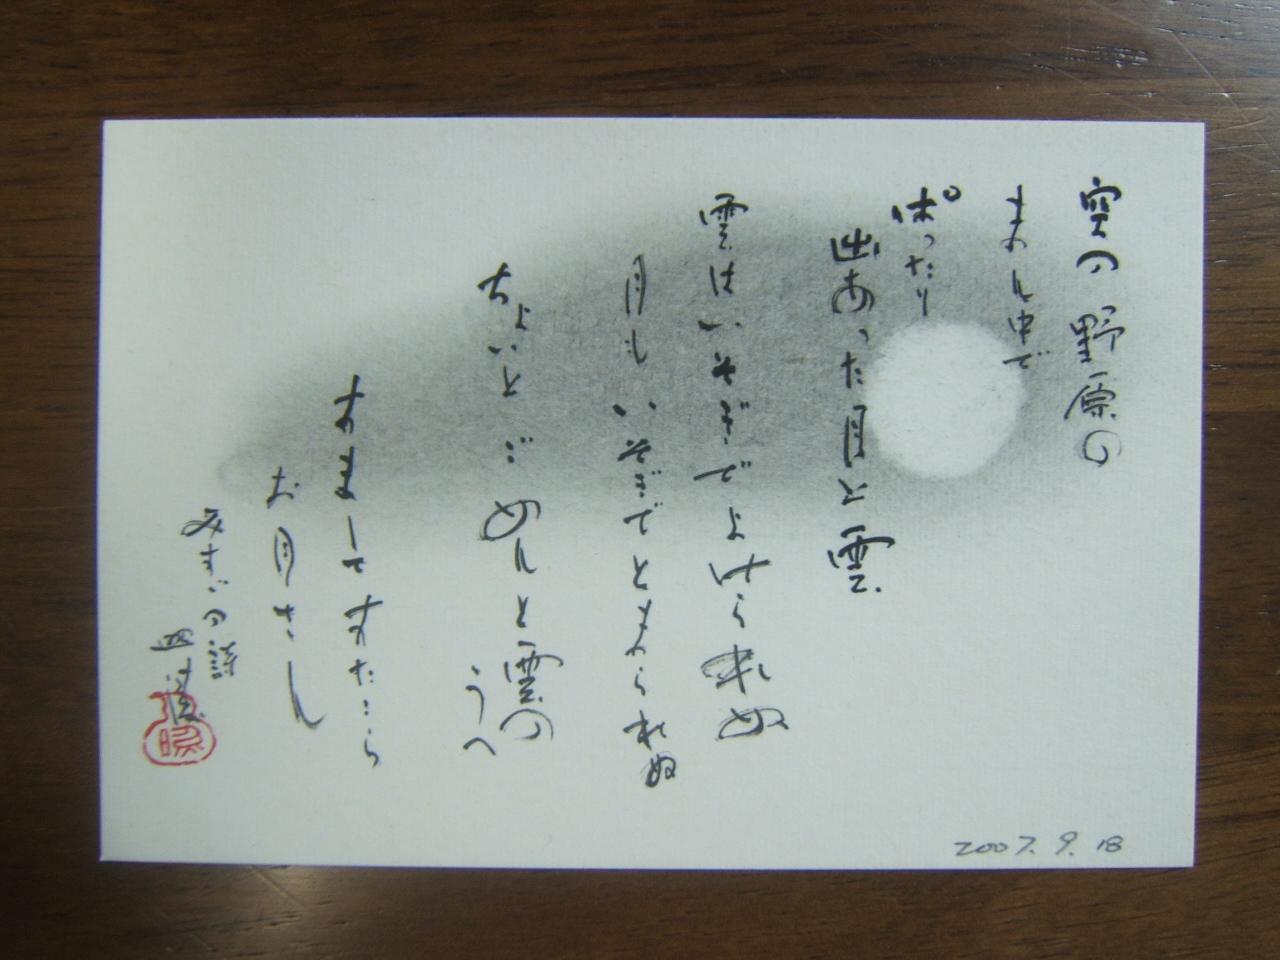 2007_0918200709180016.JPG